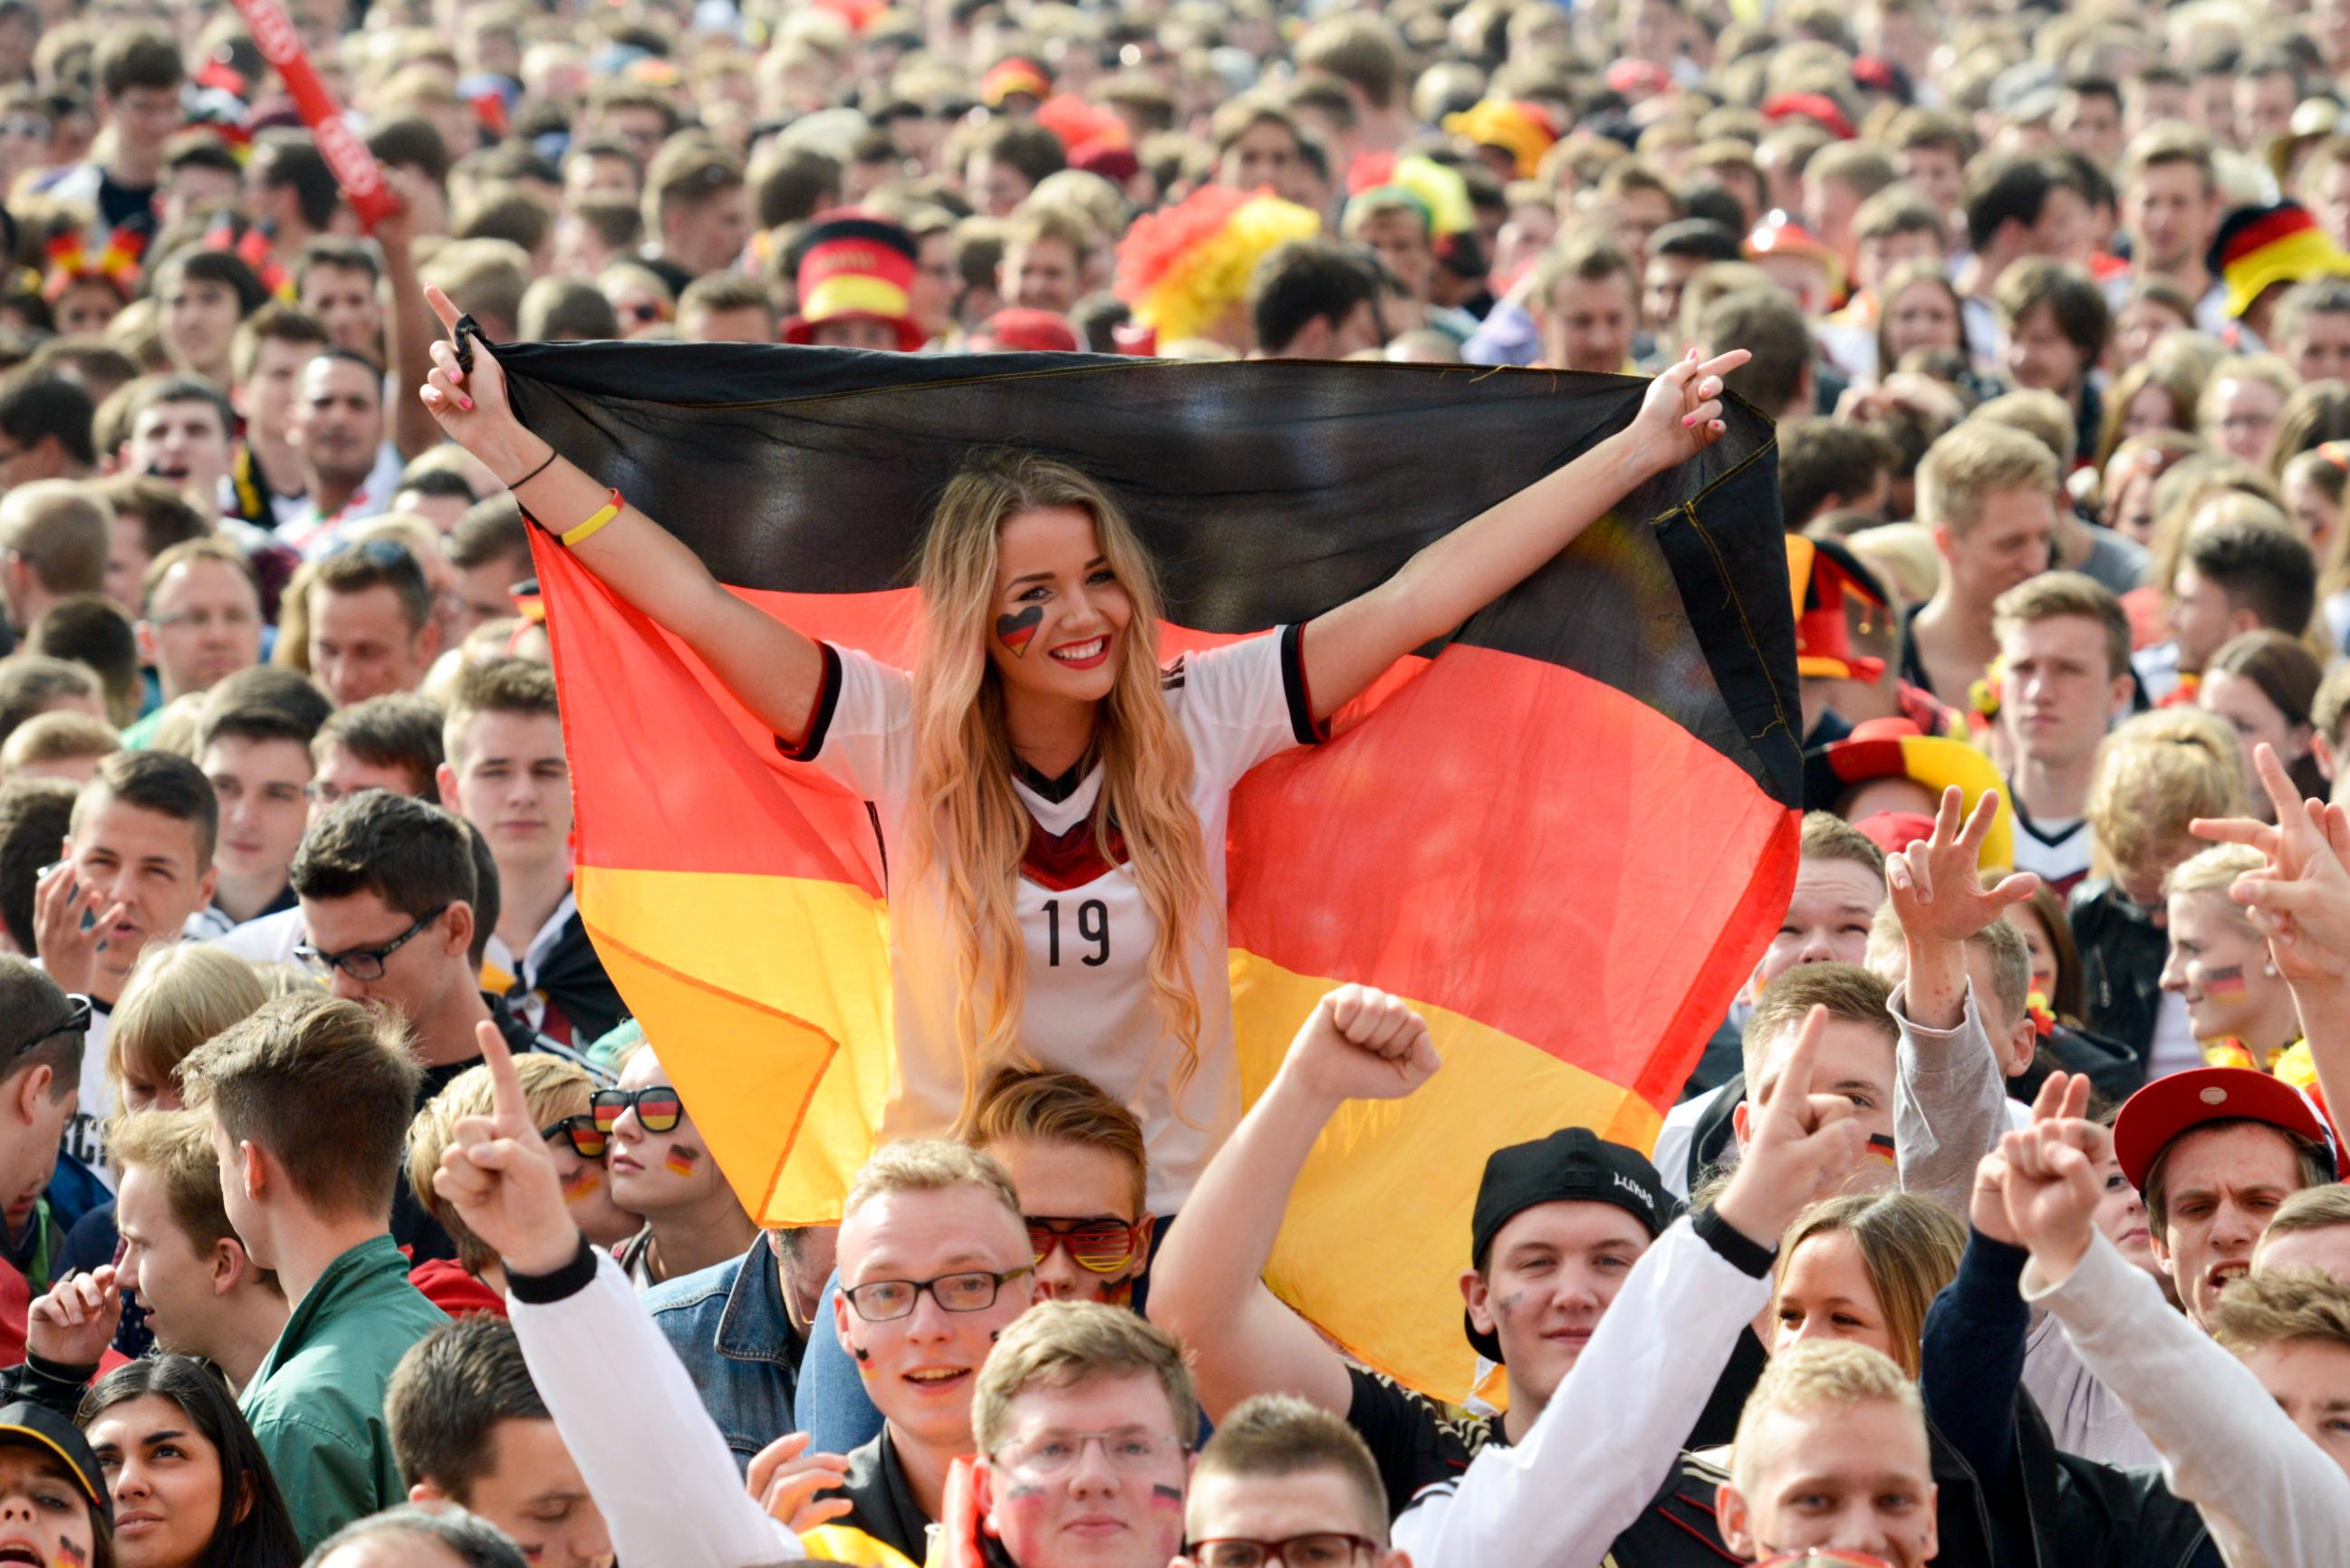 VERLOSUNG 🎉 Gewinne 3×2 VIP-Tickets für Deutschland vs. Mexiko im Fan Park am 17.6.! ⚽️